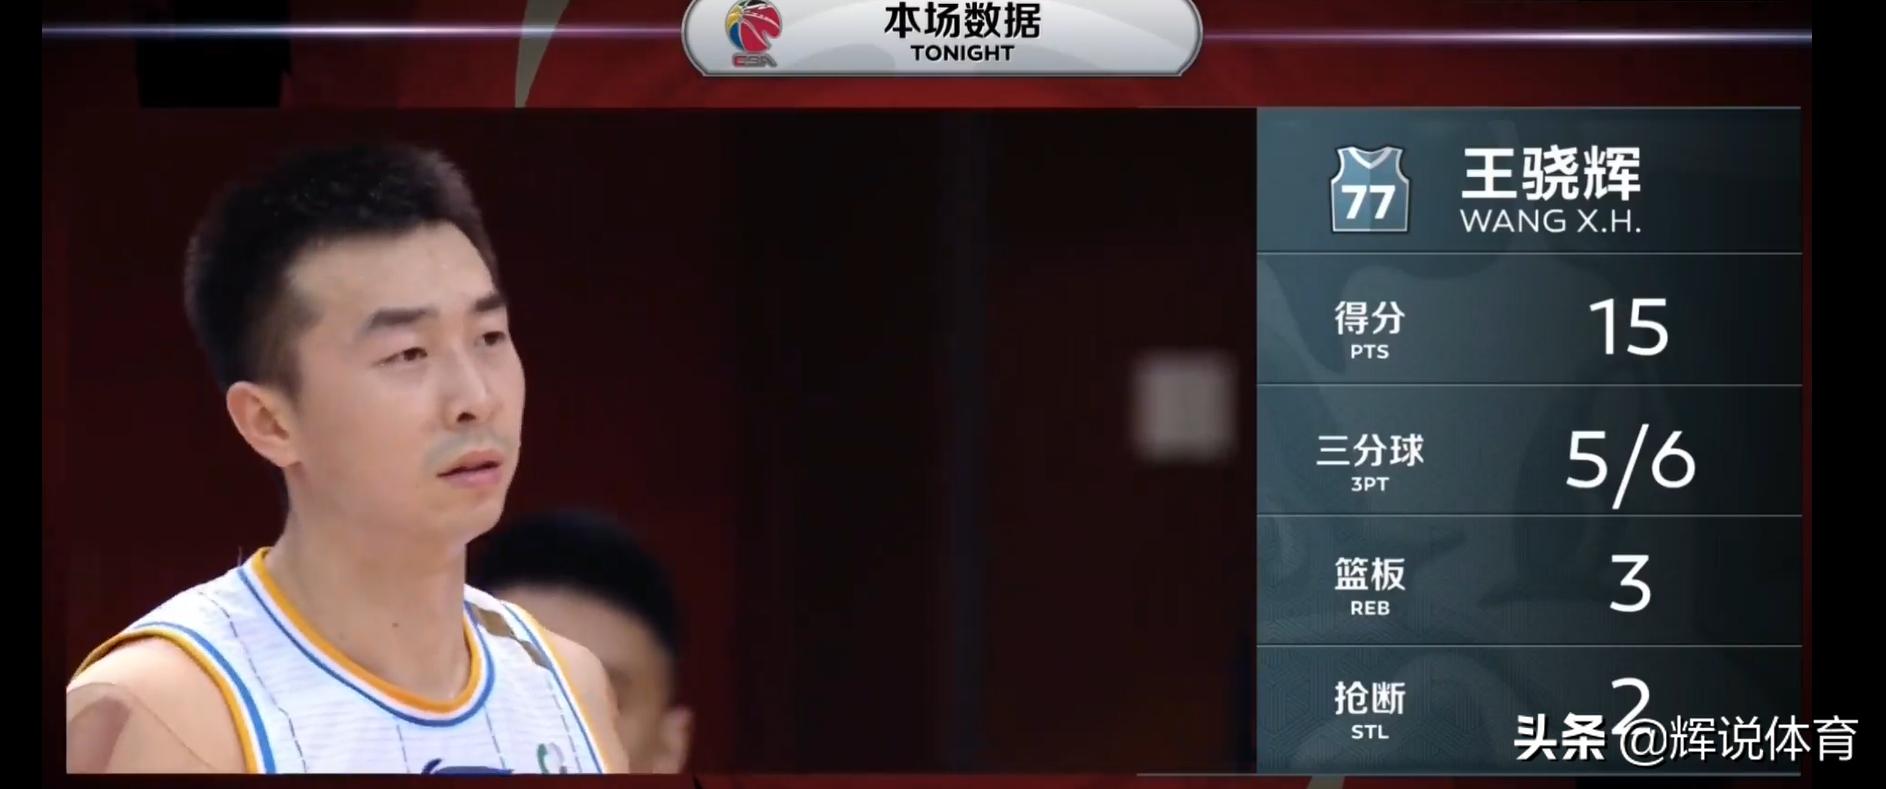 赵睿末节投进关键3分,汤普森3分,广东90-83力克北京首钢